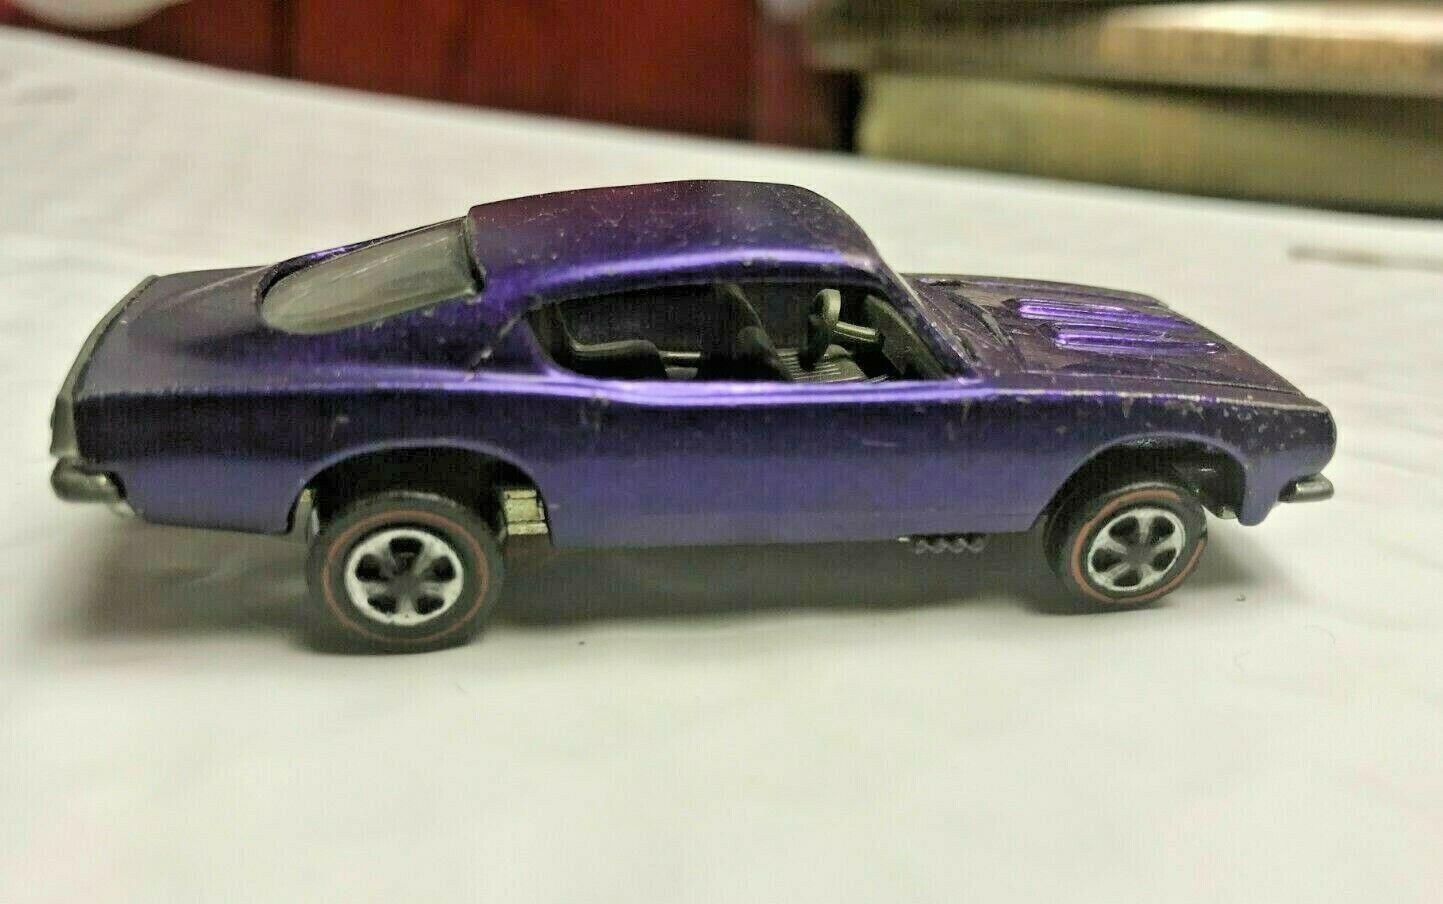 con 60% de descuento Hot Wheels 1967 rojoline Personalizado Personalizado Personalizado Barracuda nos púrpura tan Vidrio Claro interior coche  Sin impuestos